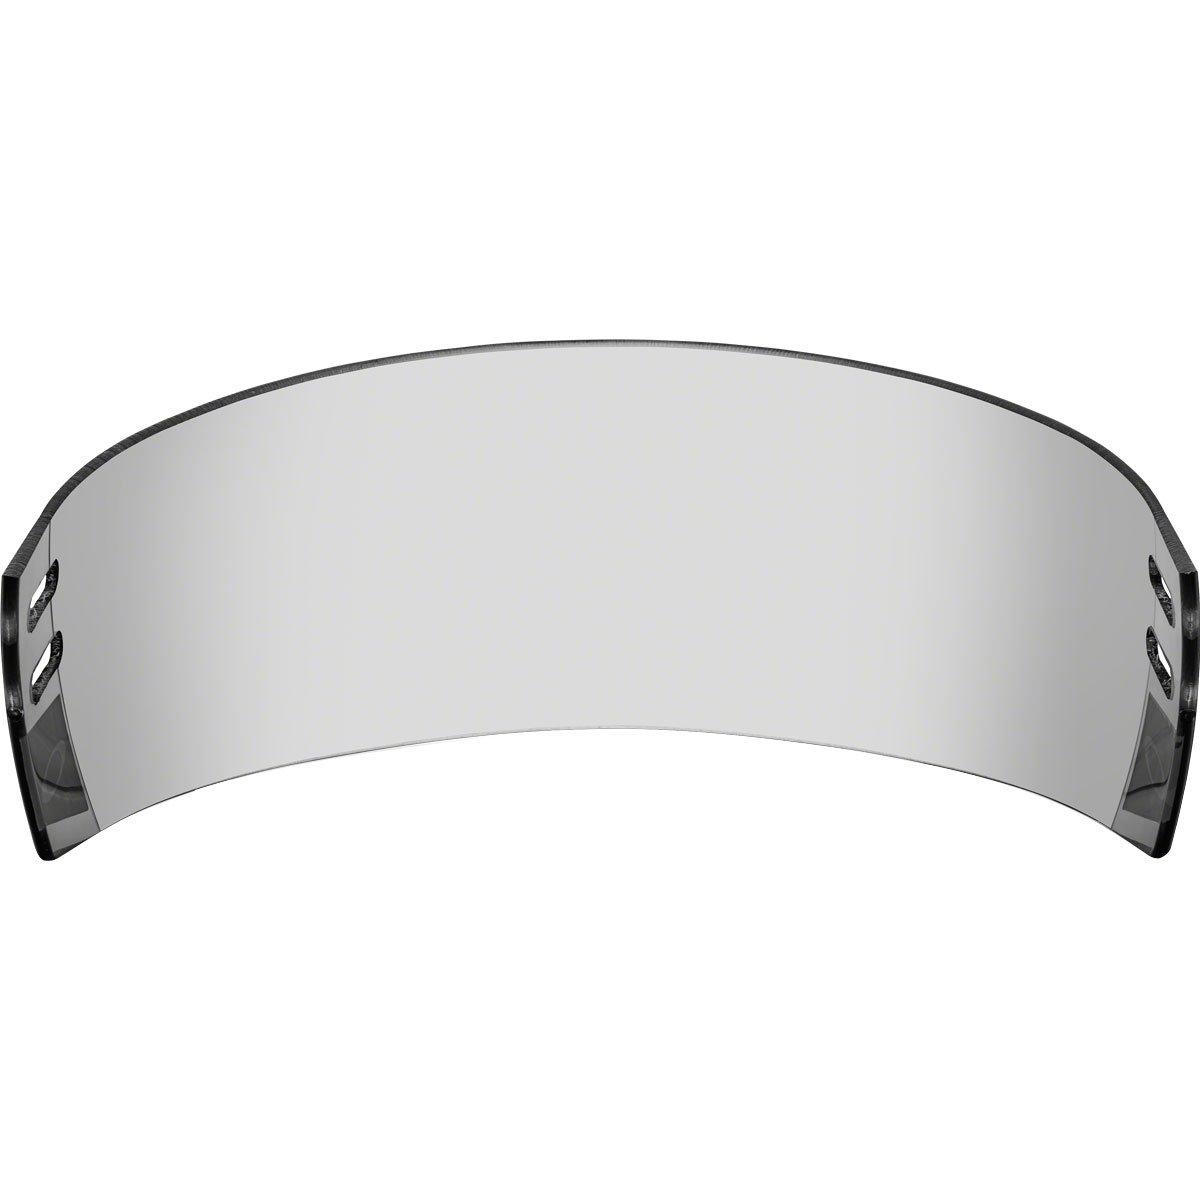 tehdashinta ajatuksia Yhdistynyt kuningaskunta Oakley Straight Pro Cut Hockey Visor, Grey, One Size